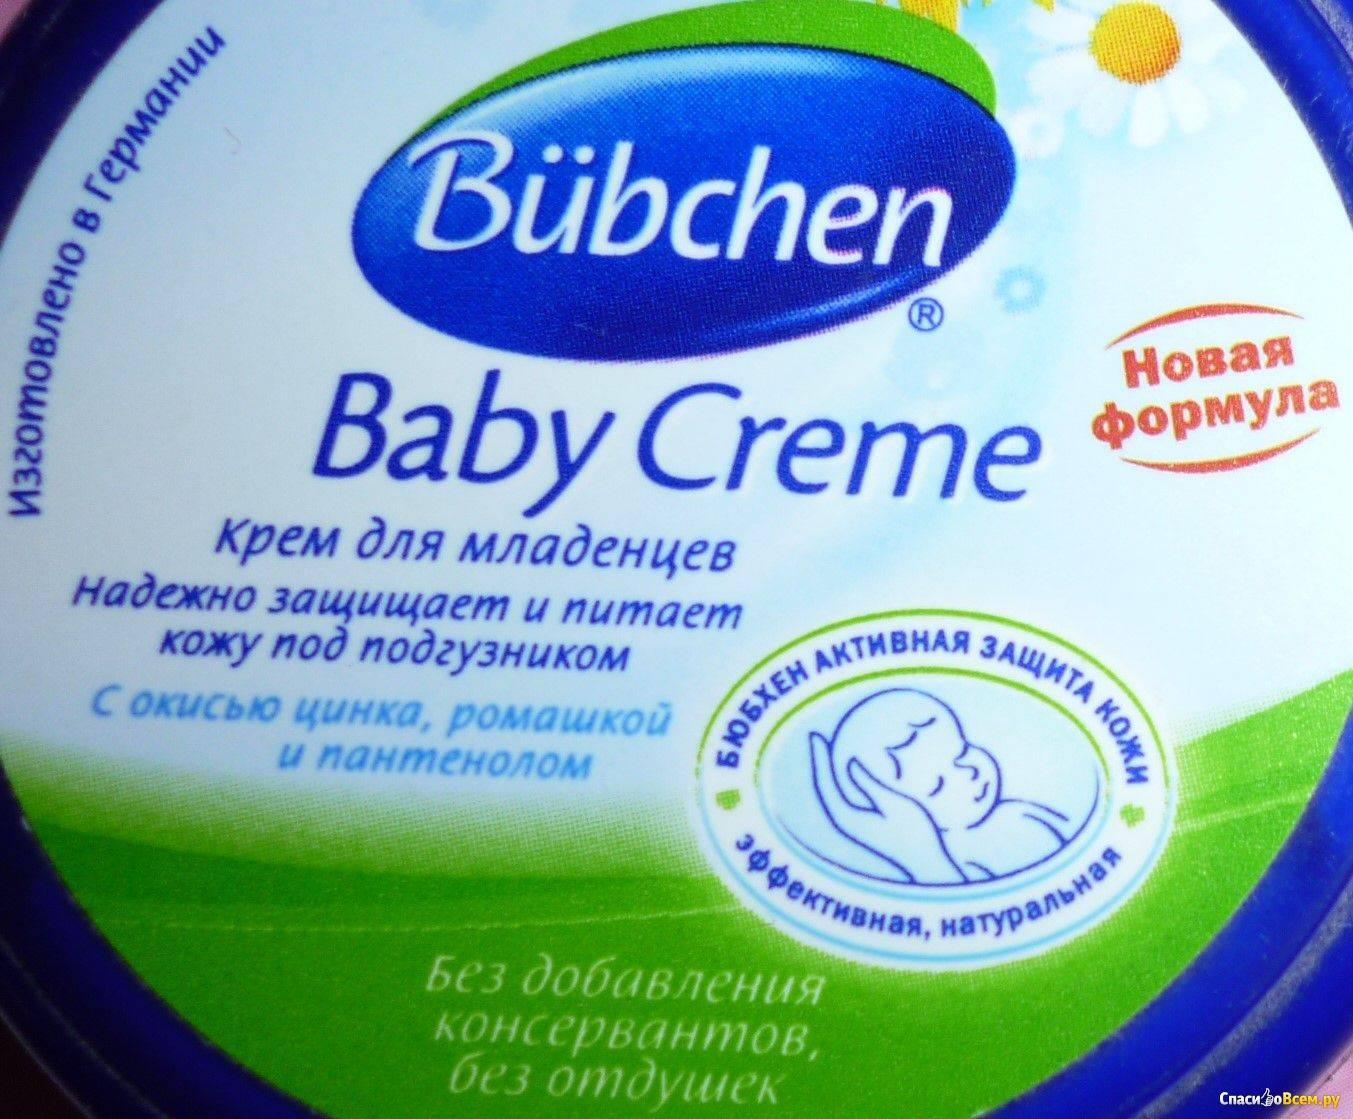 Крем бюбхен под подгузник: применение с первых дней жизни, состав детского средства от опрелостей, отзывы